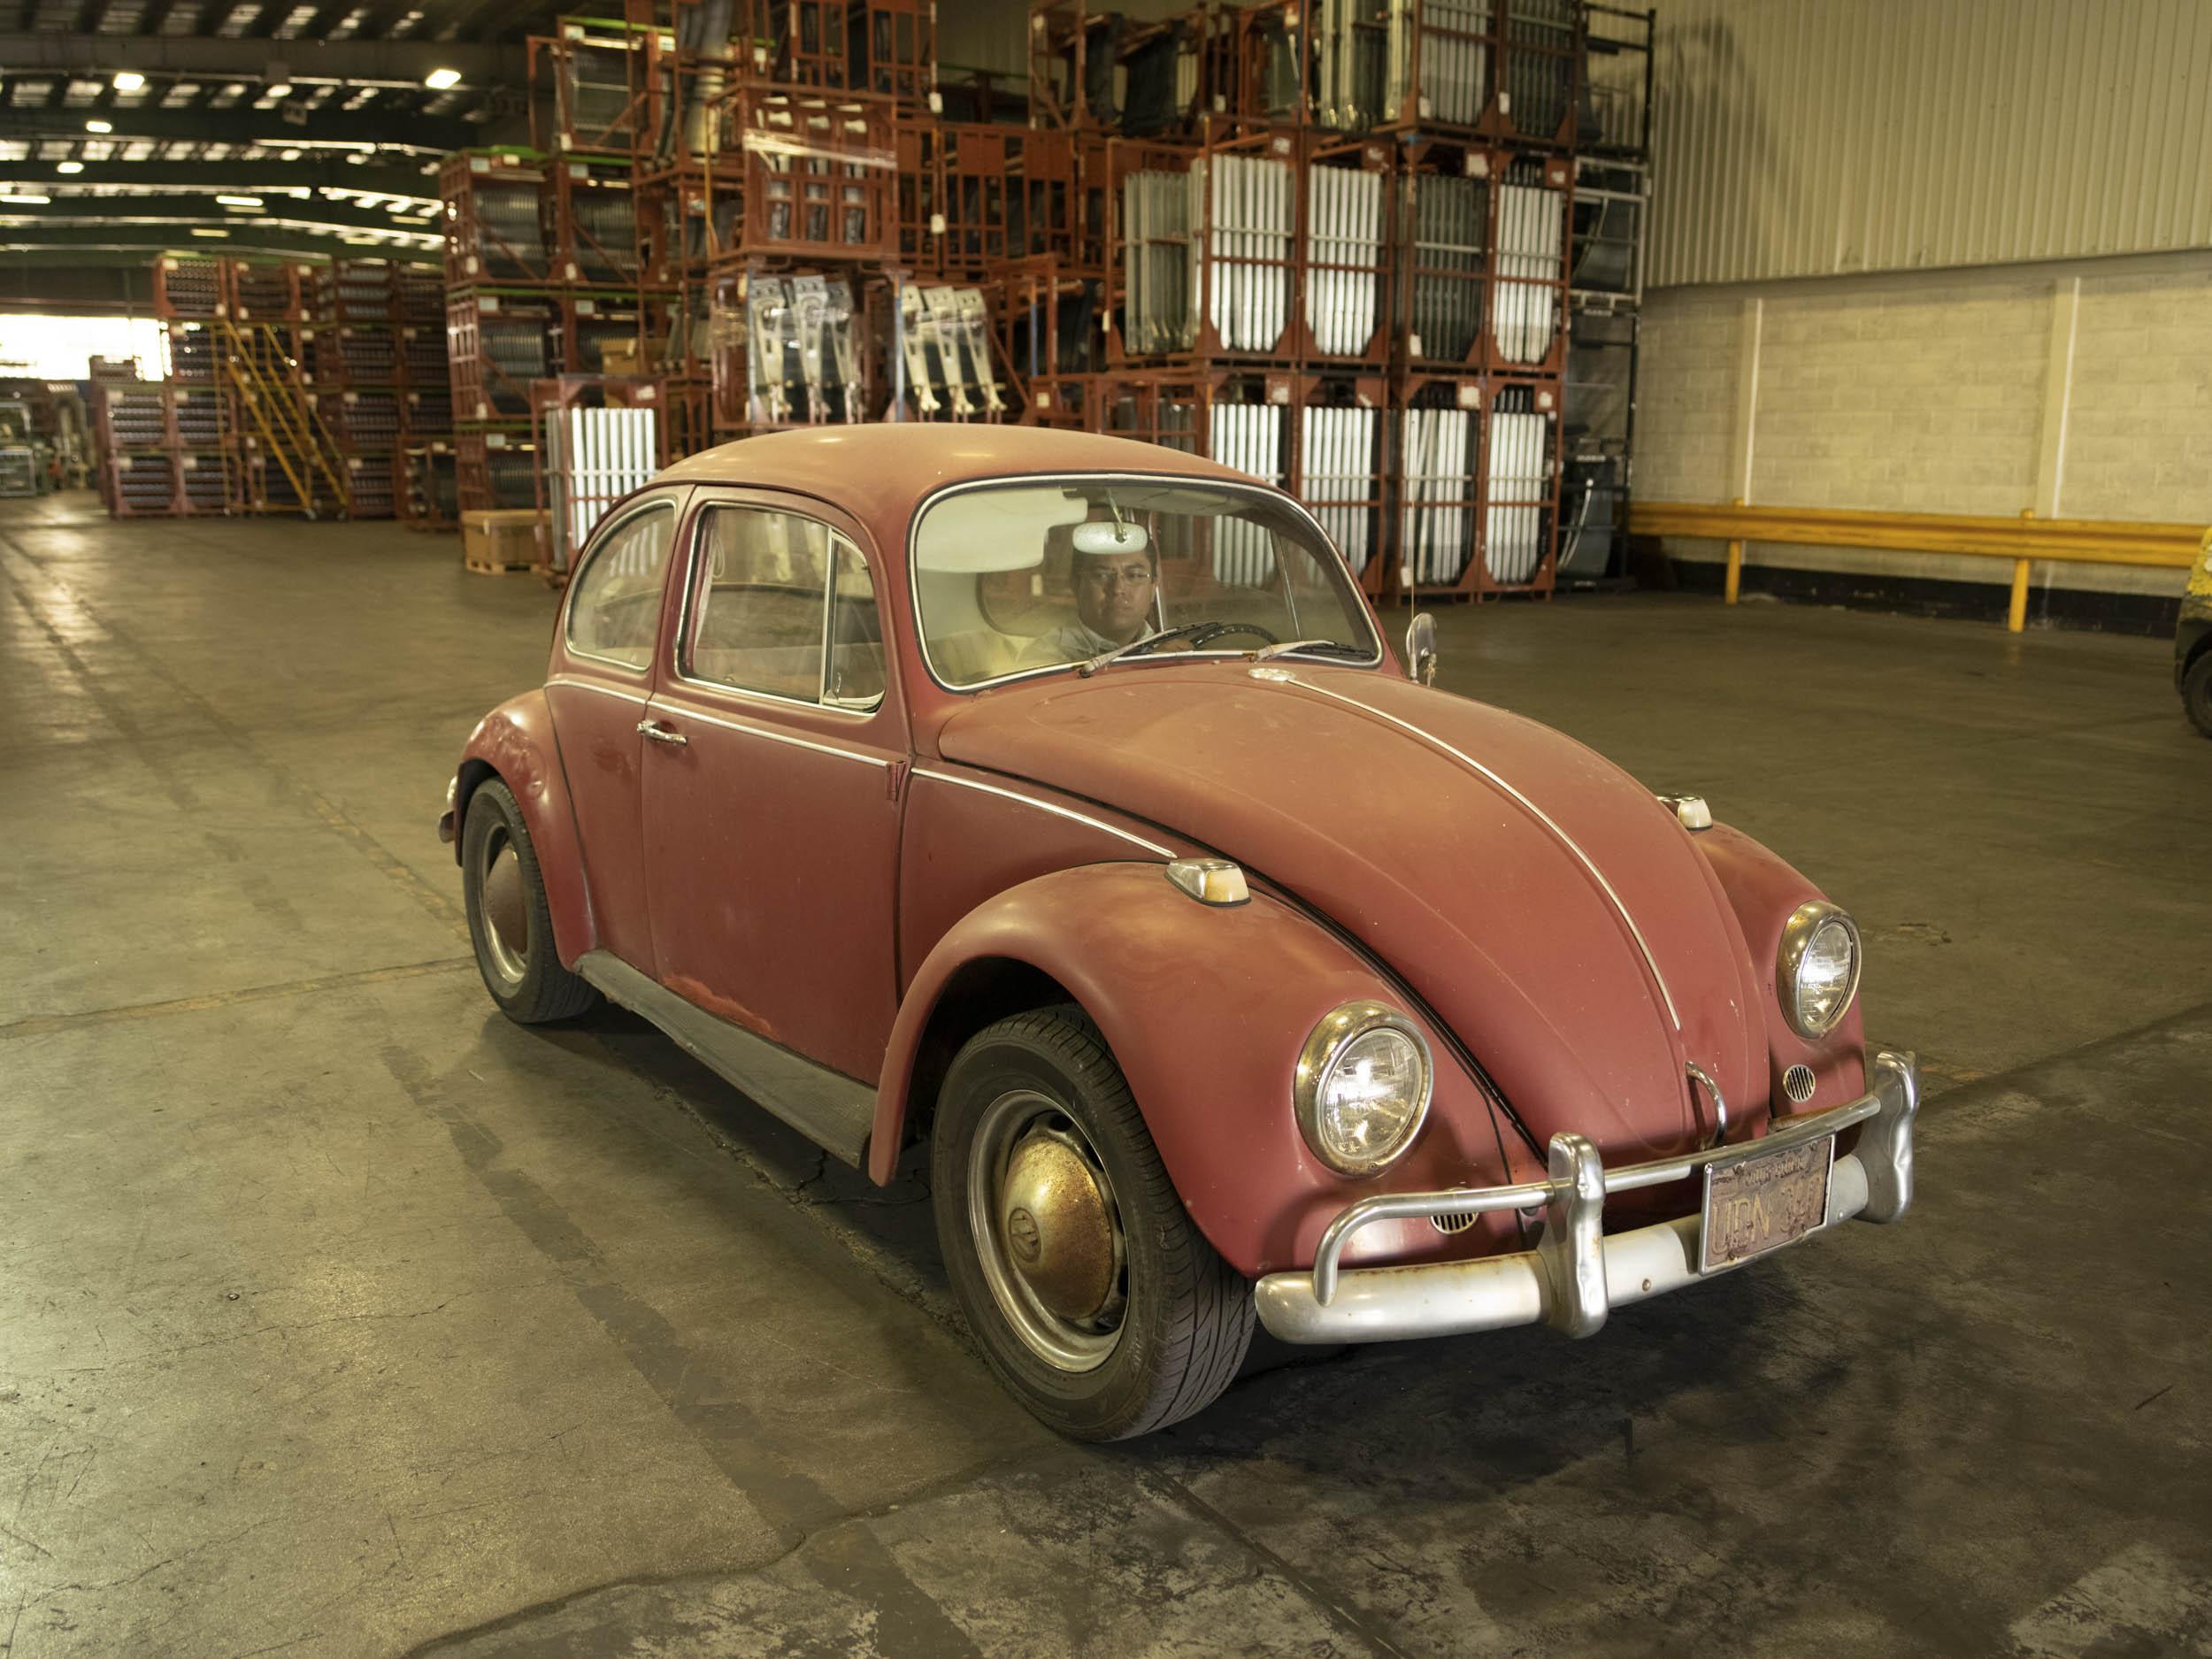 1967 Volkswagen Beetle pre-restoration